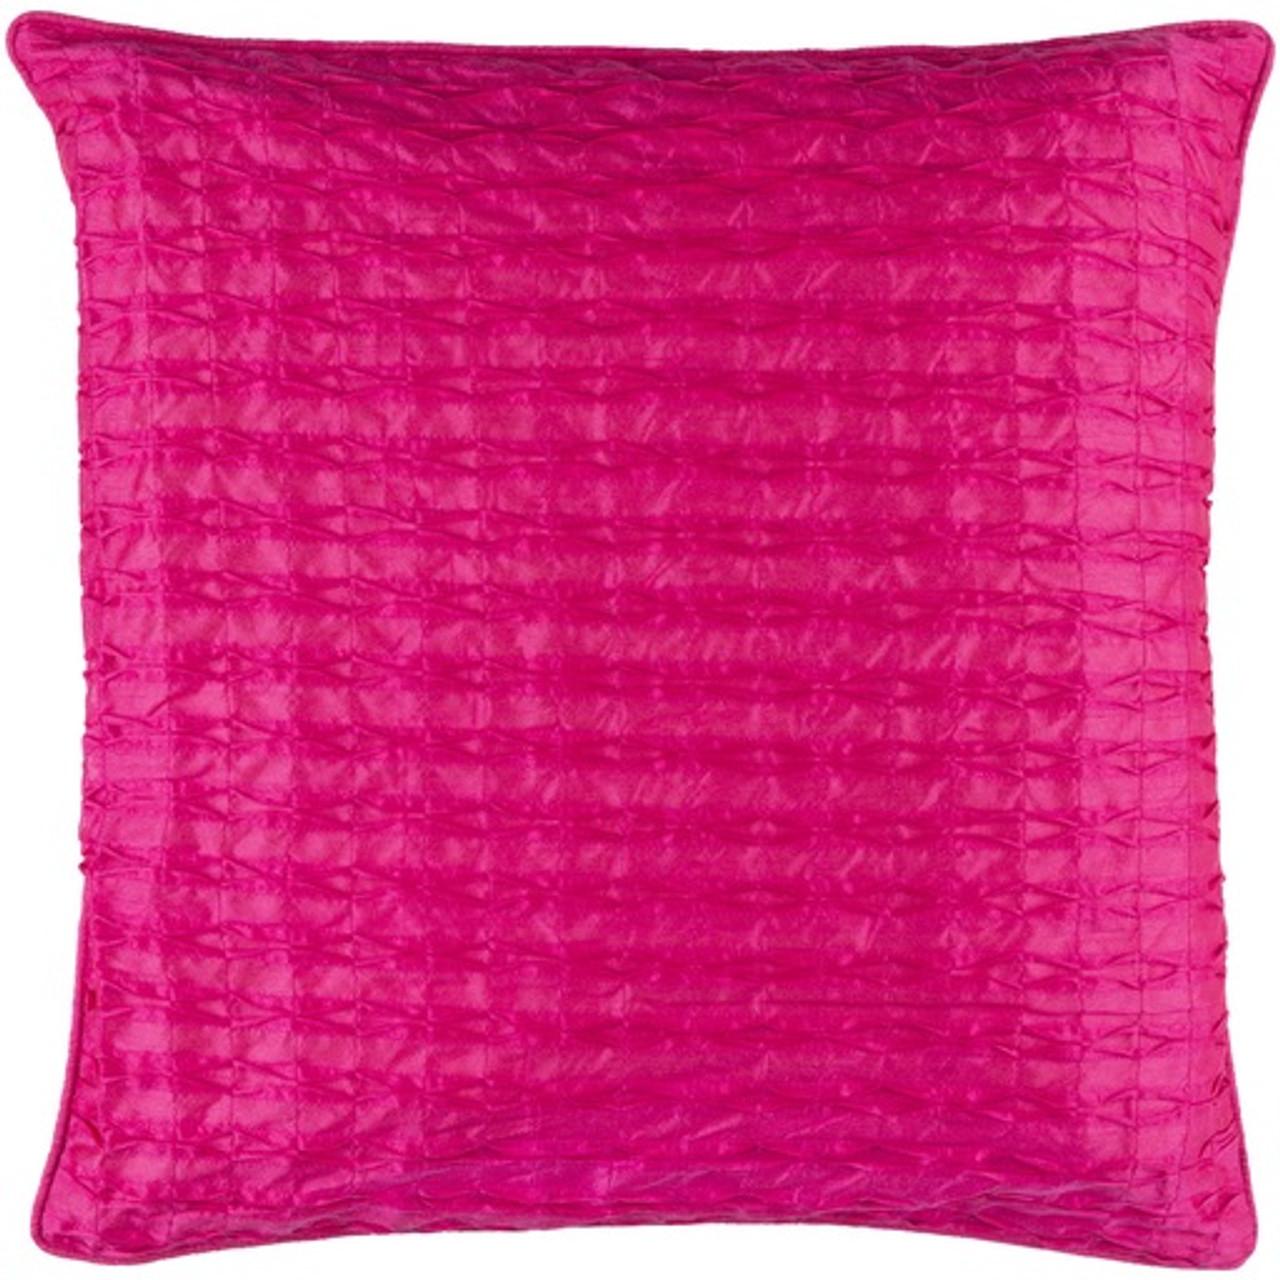 Quality Throw Pillows : 20